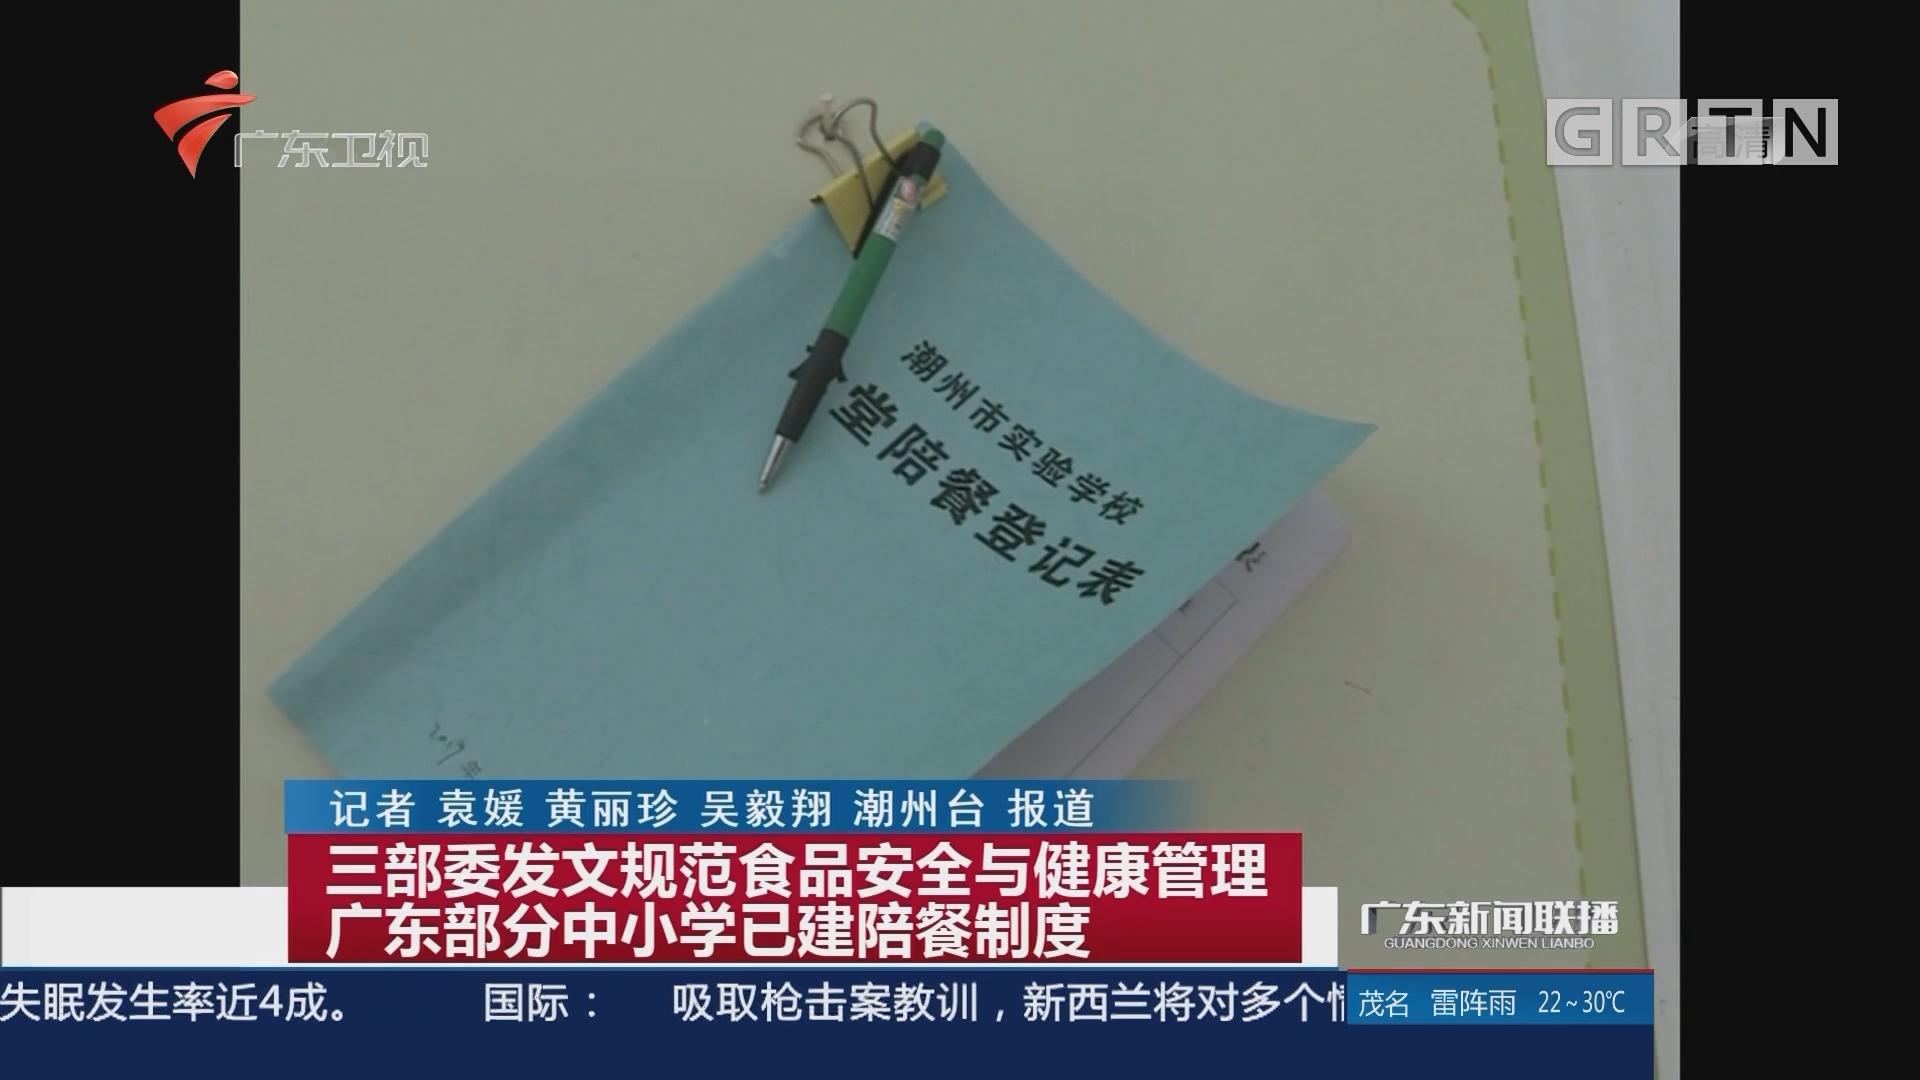 三部委发文规范食品安全与健康管理 广东部分中小学已建陪餐制度